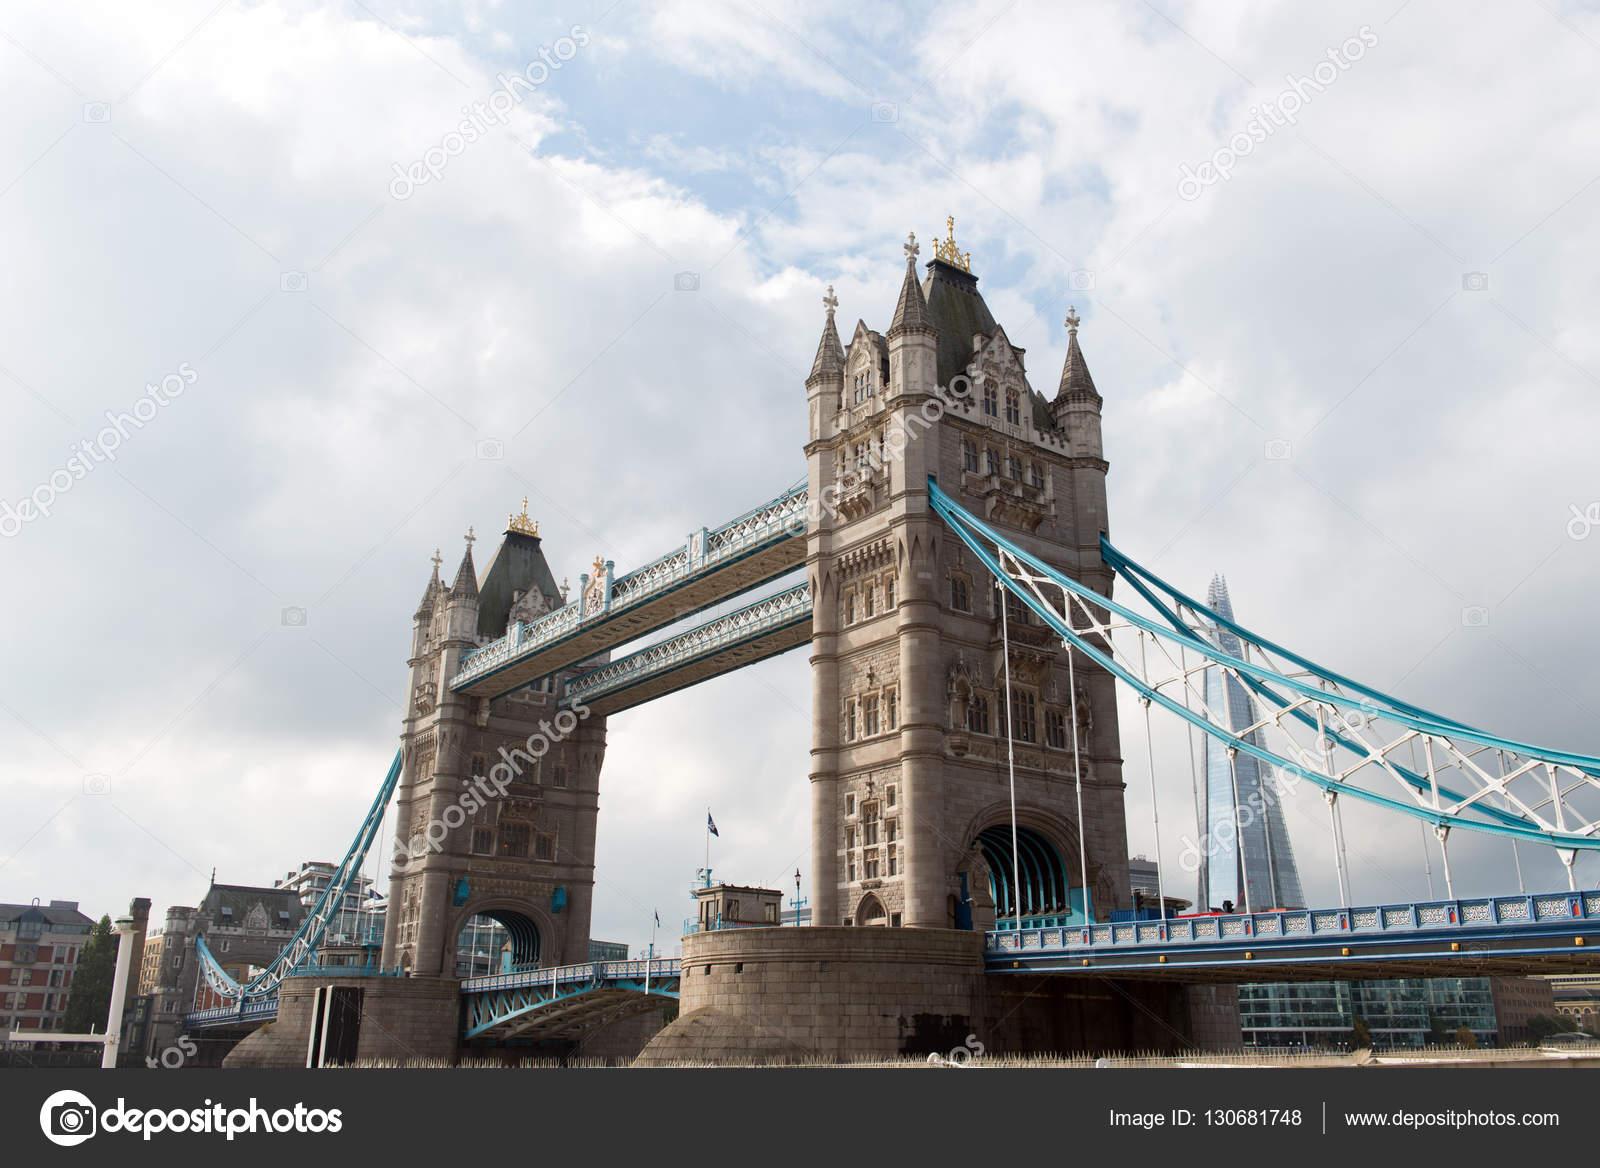 Pont De Tour De Londres Photographie Shirotie C 130681748